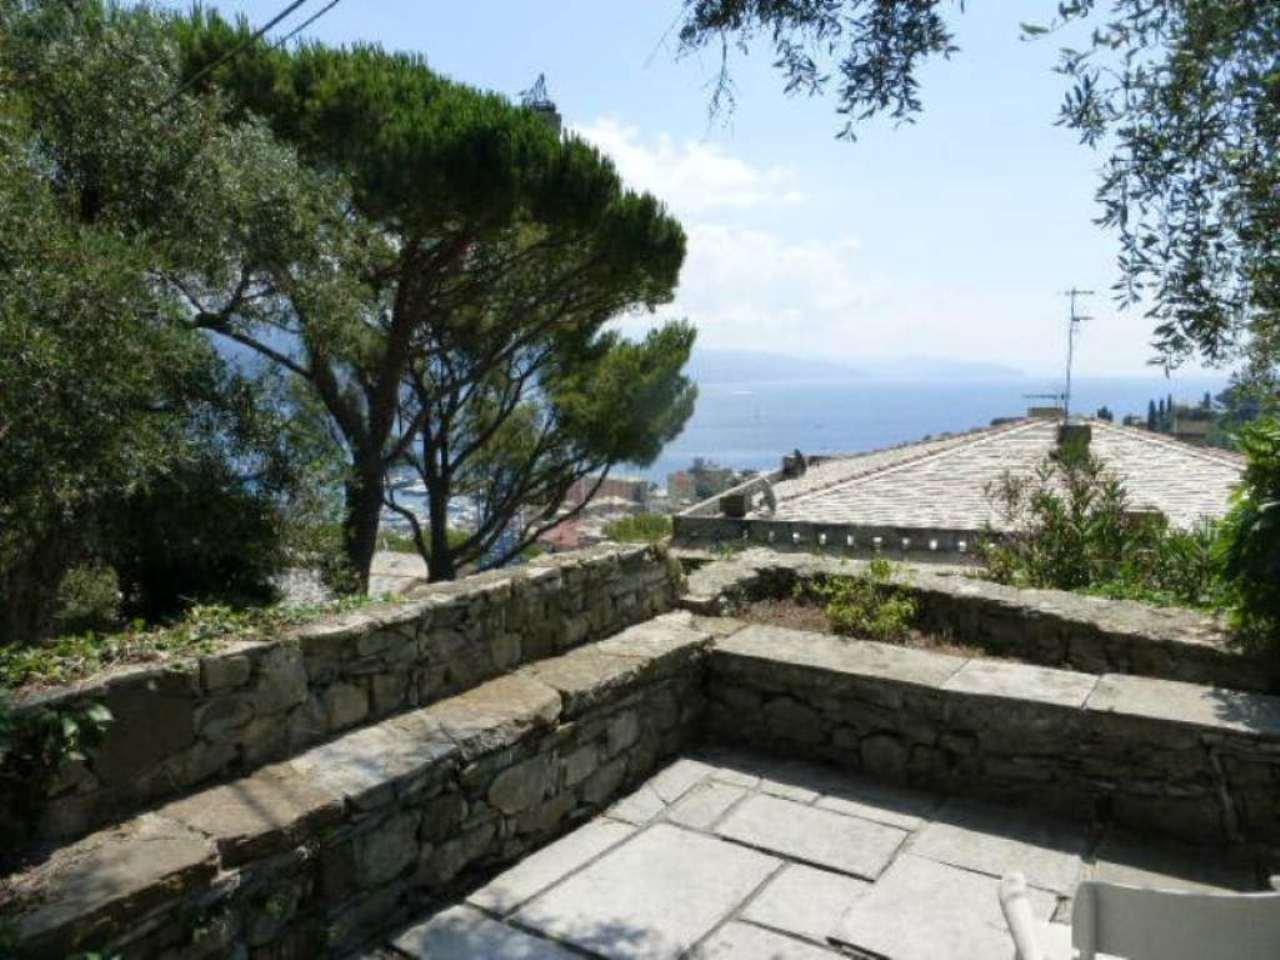 Villa in vendita a Santa Margherita Ligure, 6 locali, prezzo € 3.000.000 | CambioCasa.it